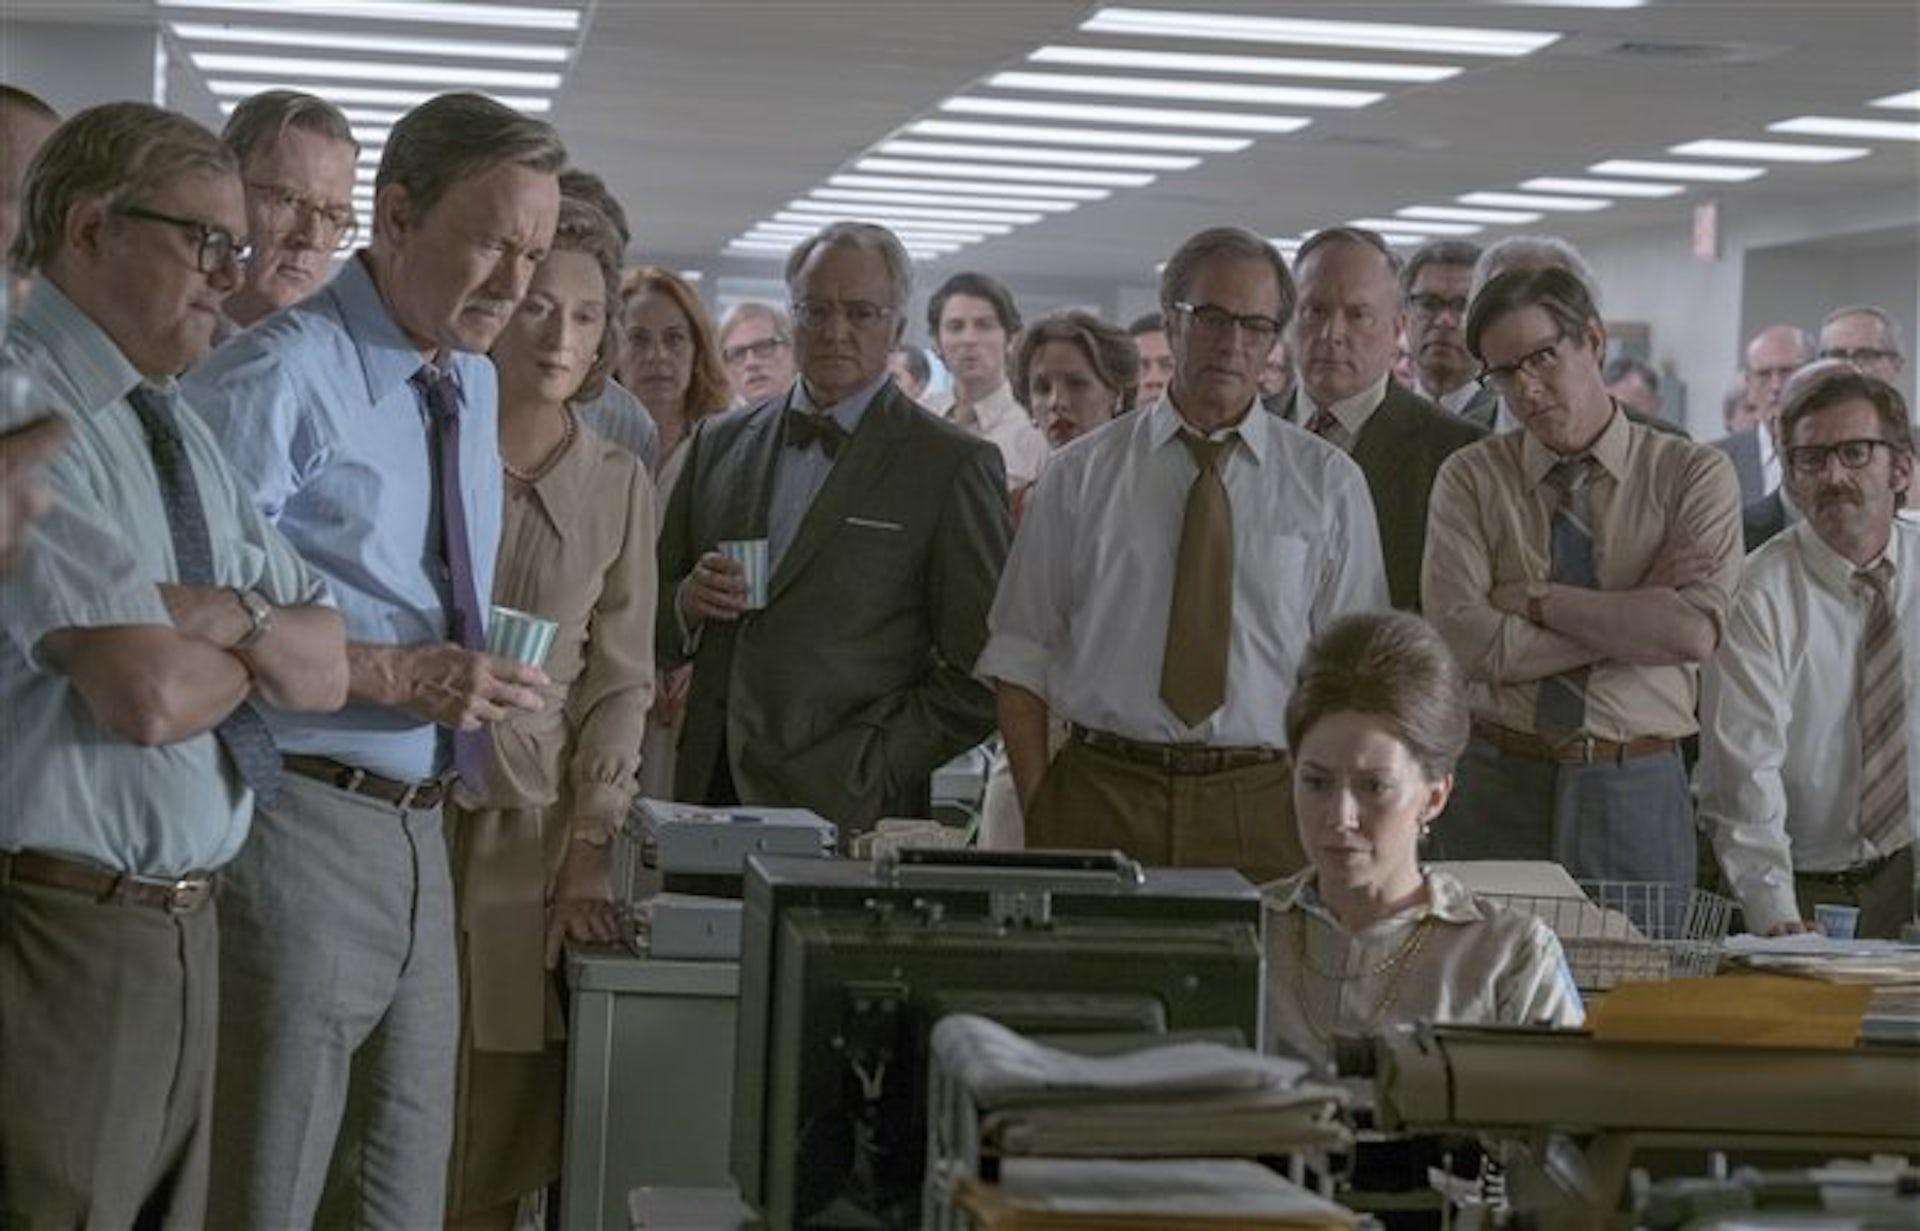 Tom Hanks in awe of Meryl Streep